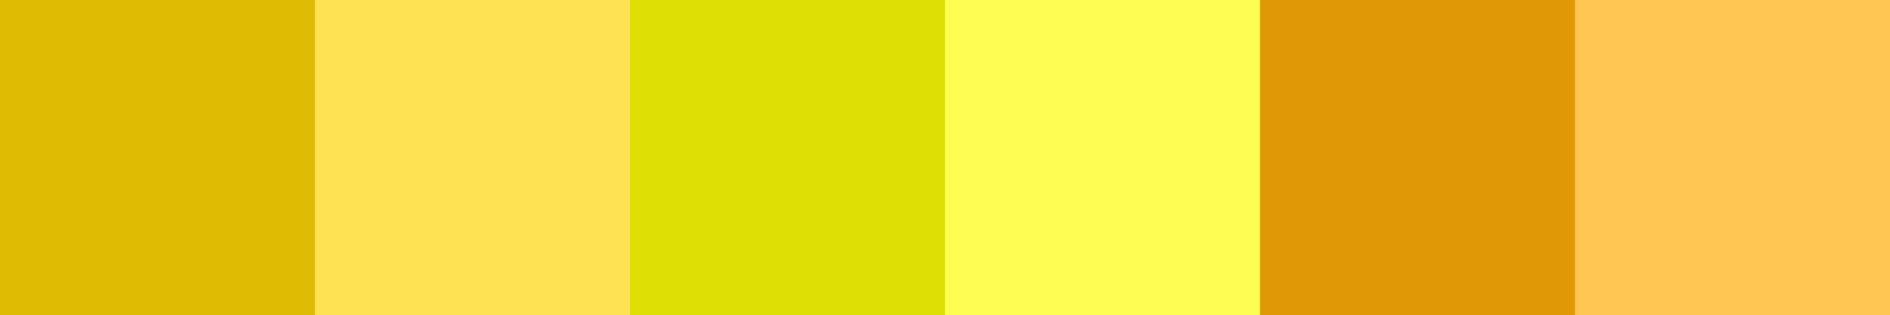 color-palette-we-all-shine-on